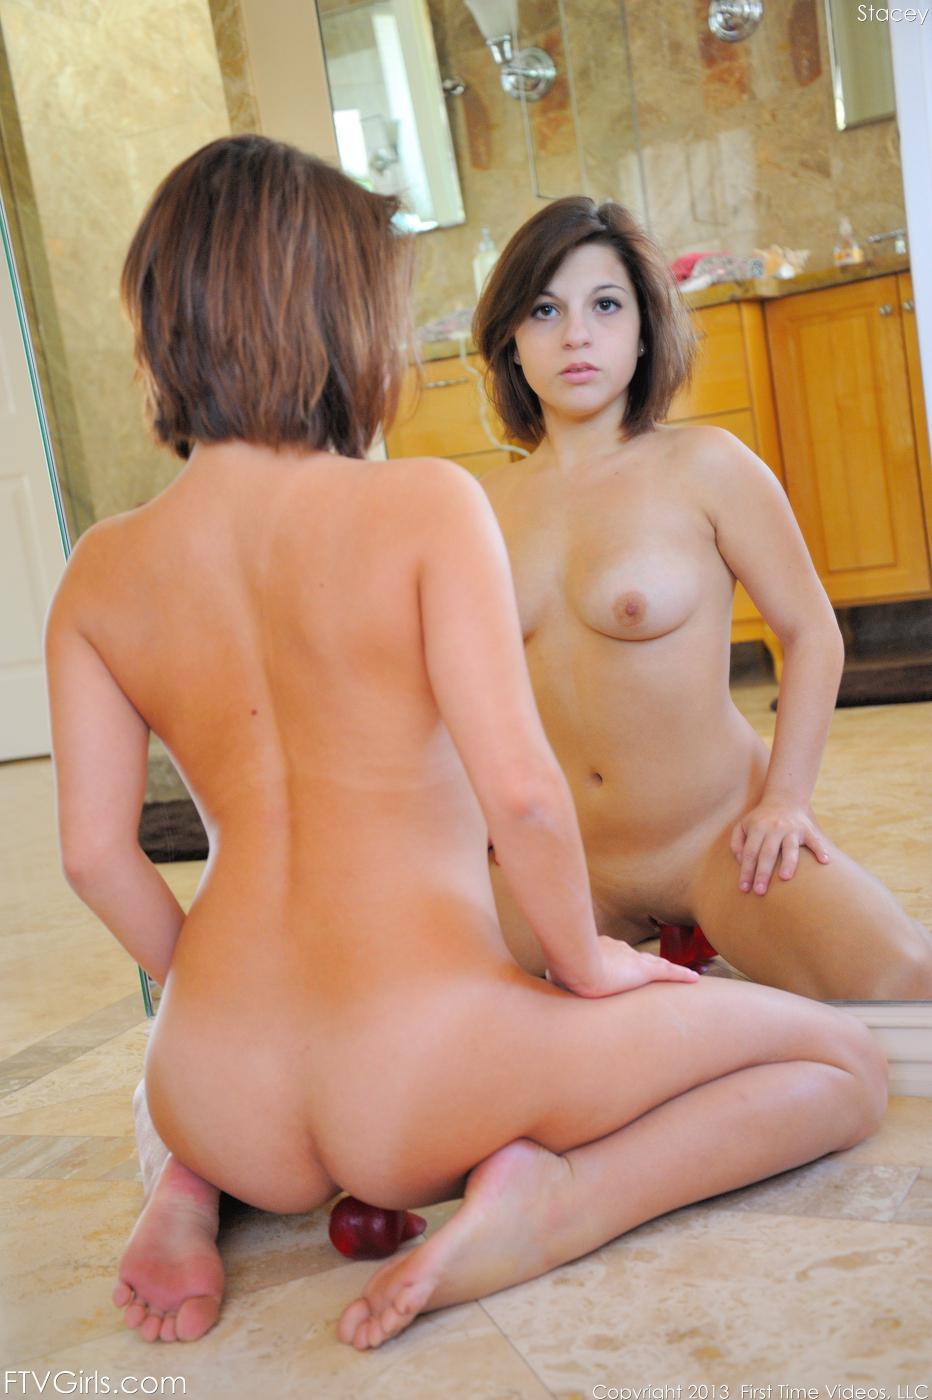 Хорошенькая русая порноактрисса Stacey FTV показывает свои пяточки и ножки